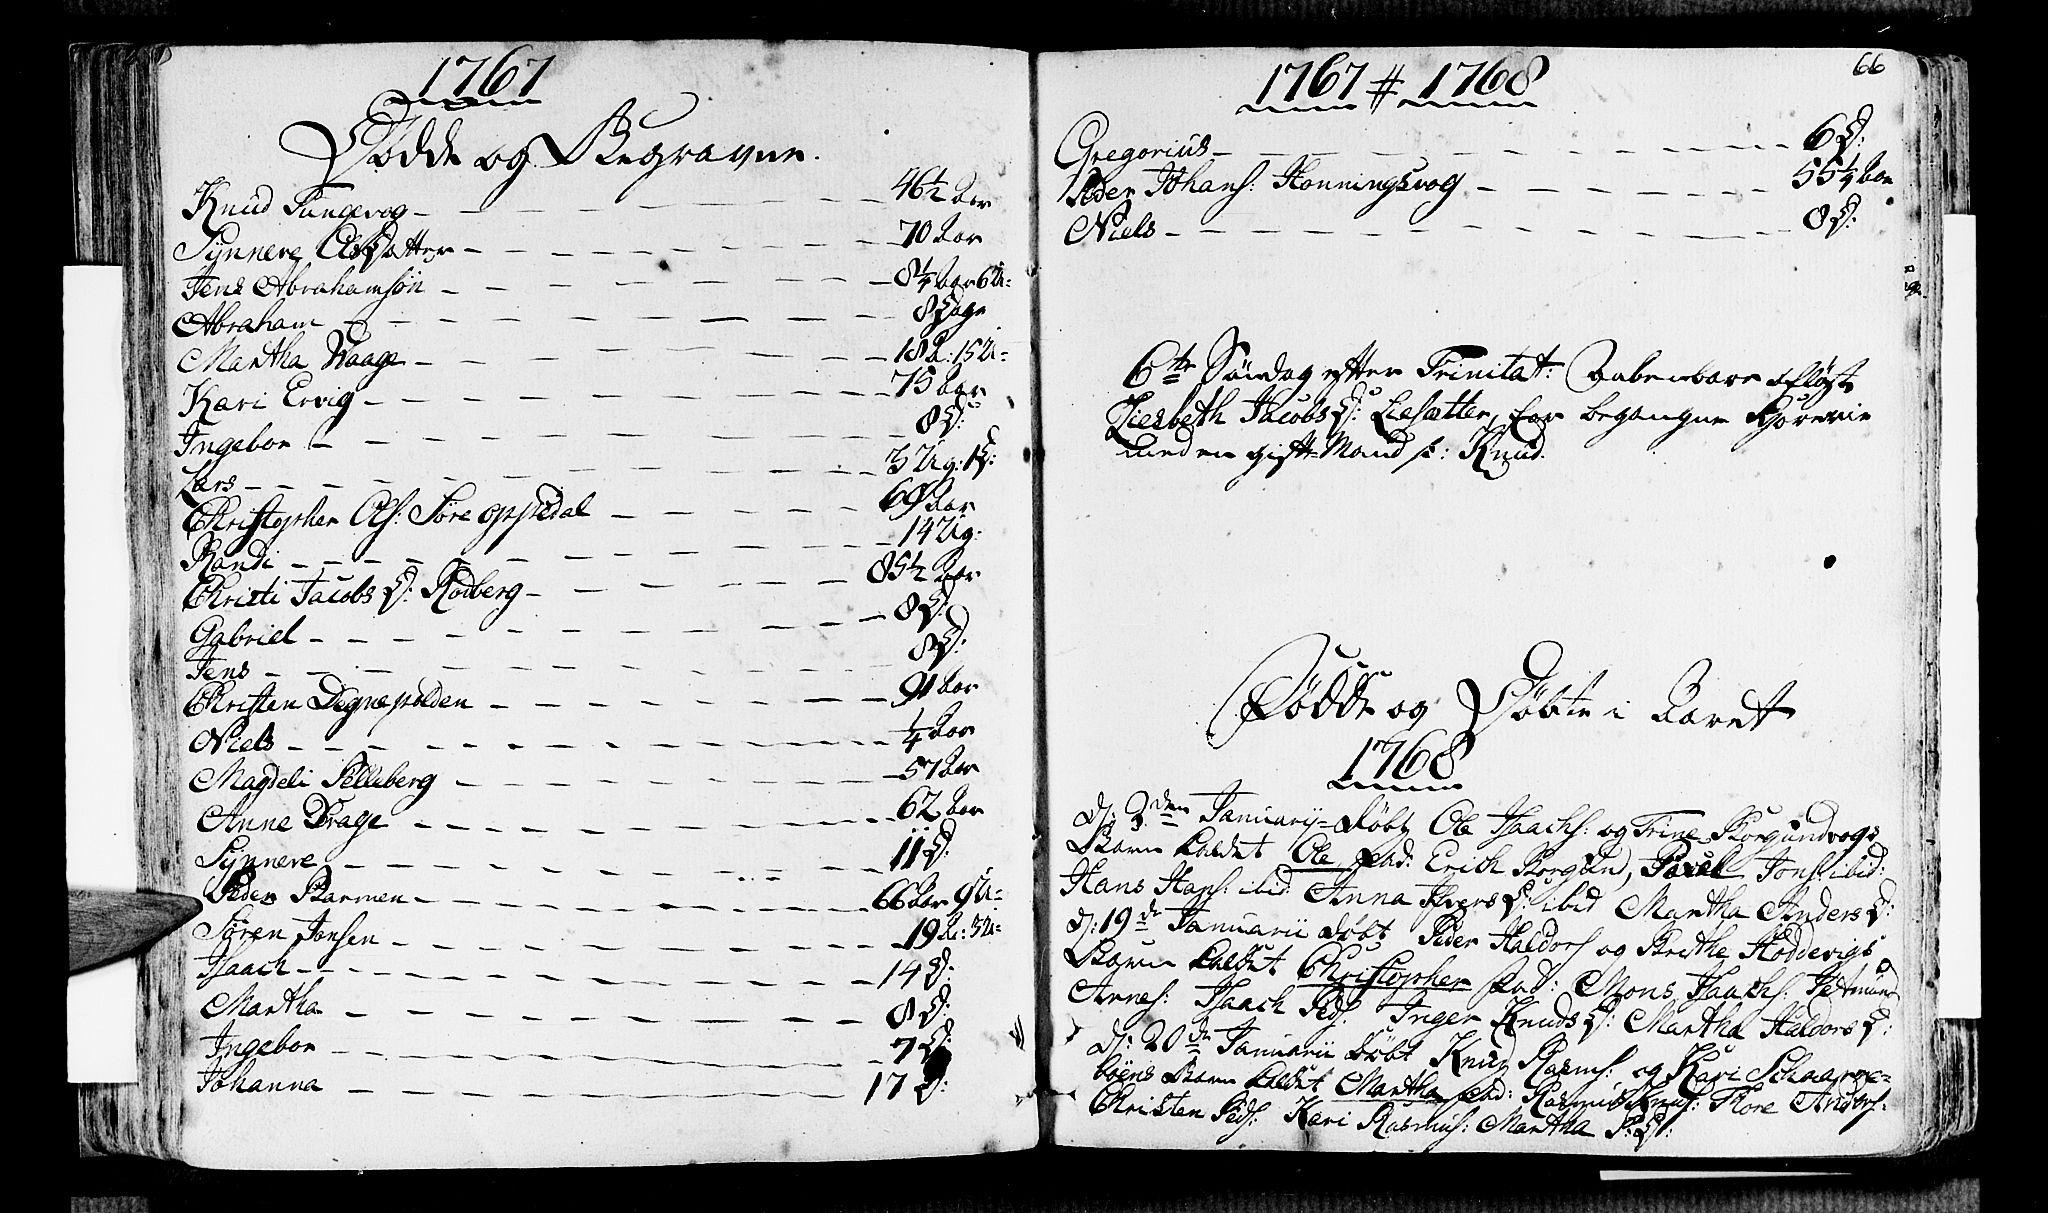 SAB, Selje sokneprestembete*, Ministerialbok nr. A 5, 1760-1782, s. 66